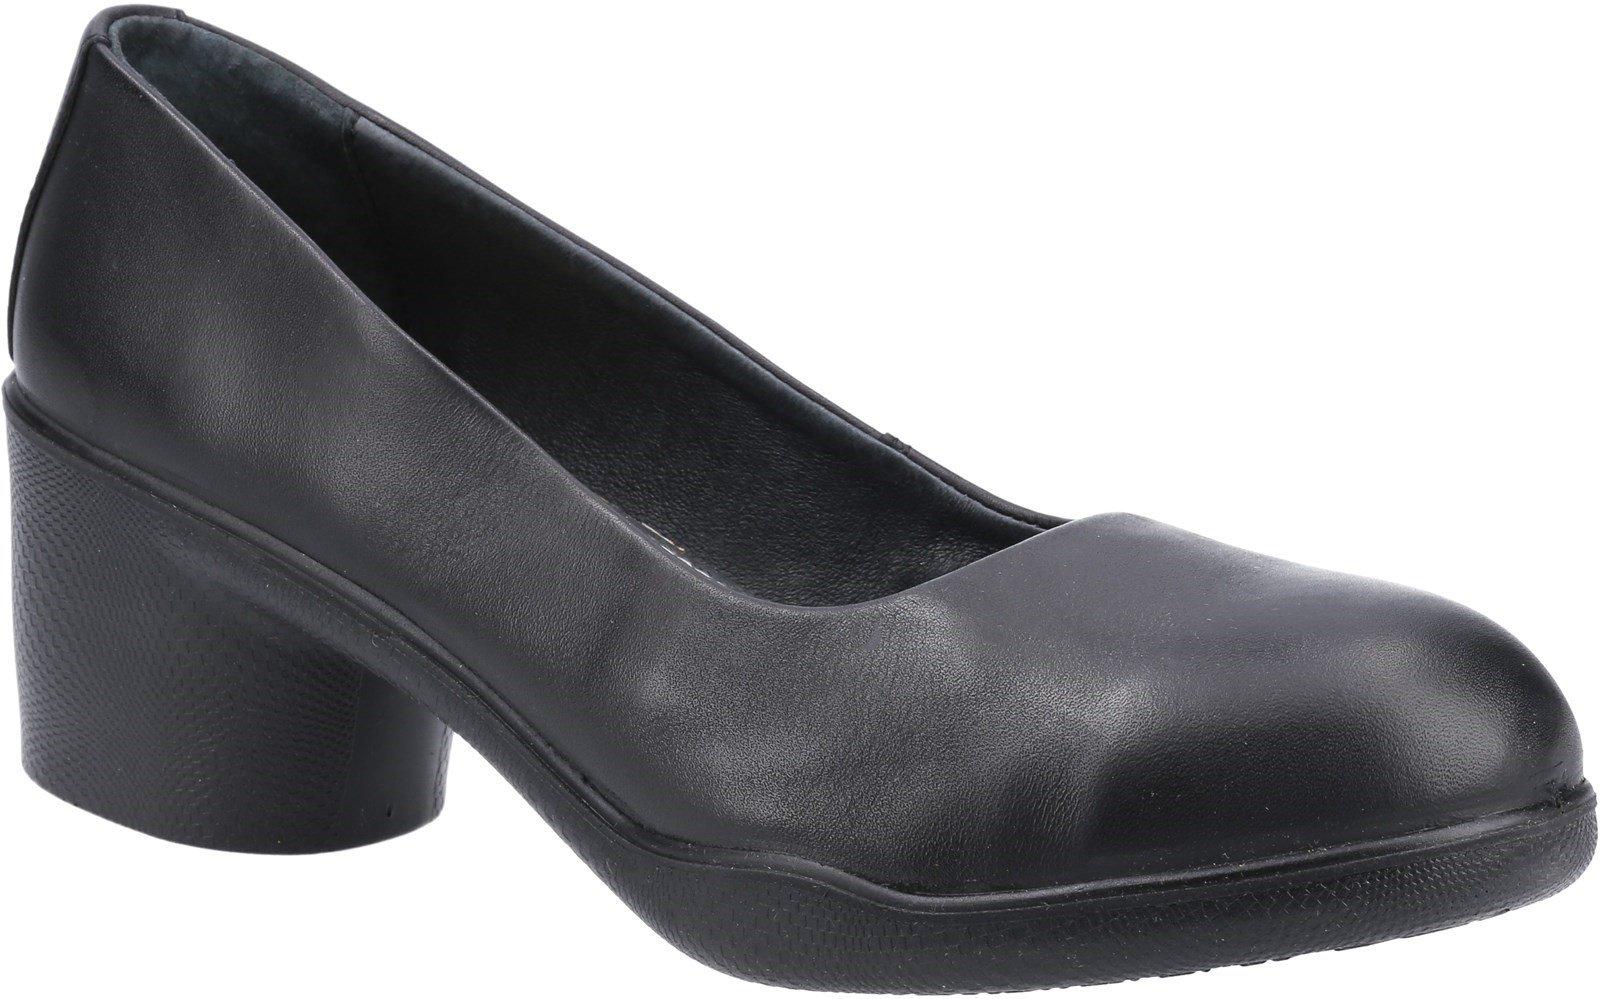 Amblers Safety Women's Brigitte Safety Court Shoe Black 31490 - Black 3